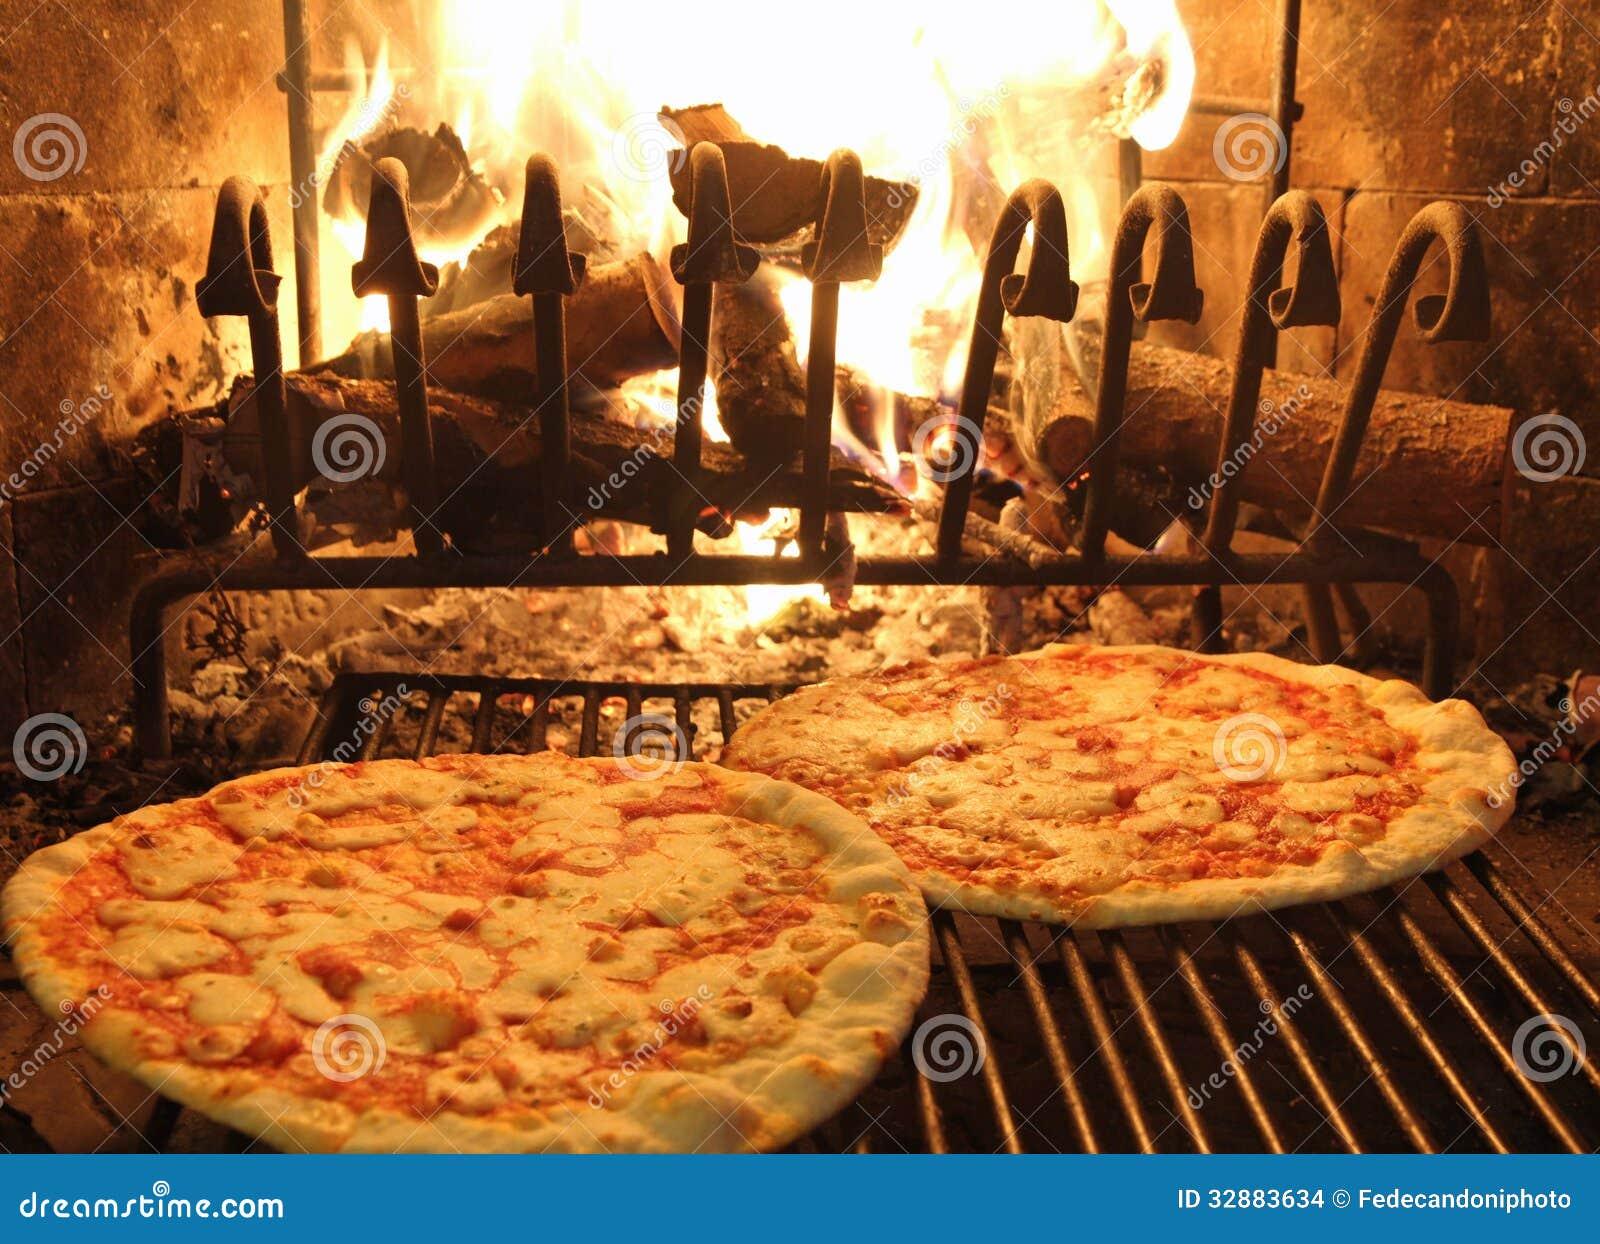 l 39 excellente pizza parfum e a fait cuire au four dans une chemin e en bois 1 photo stock image. Black Bedroom Furniture Sets. Home Design Ideas